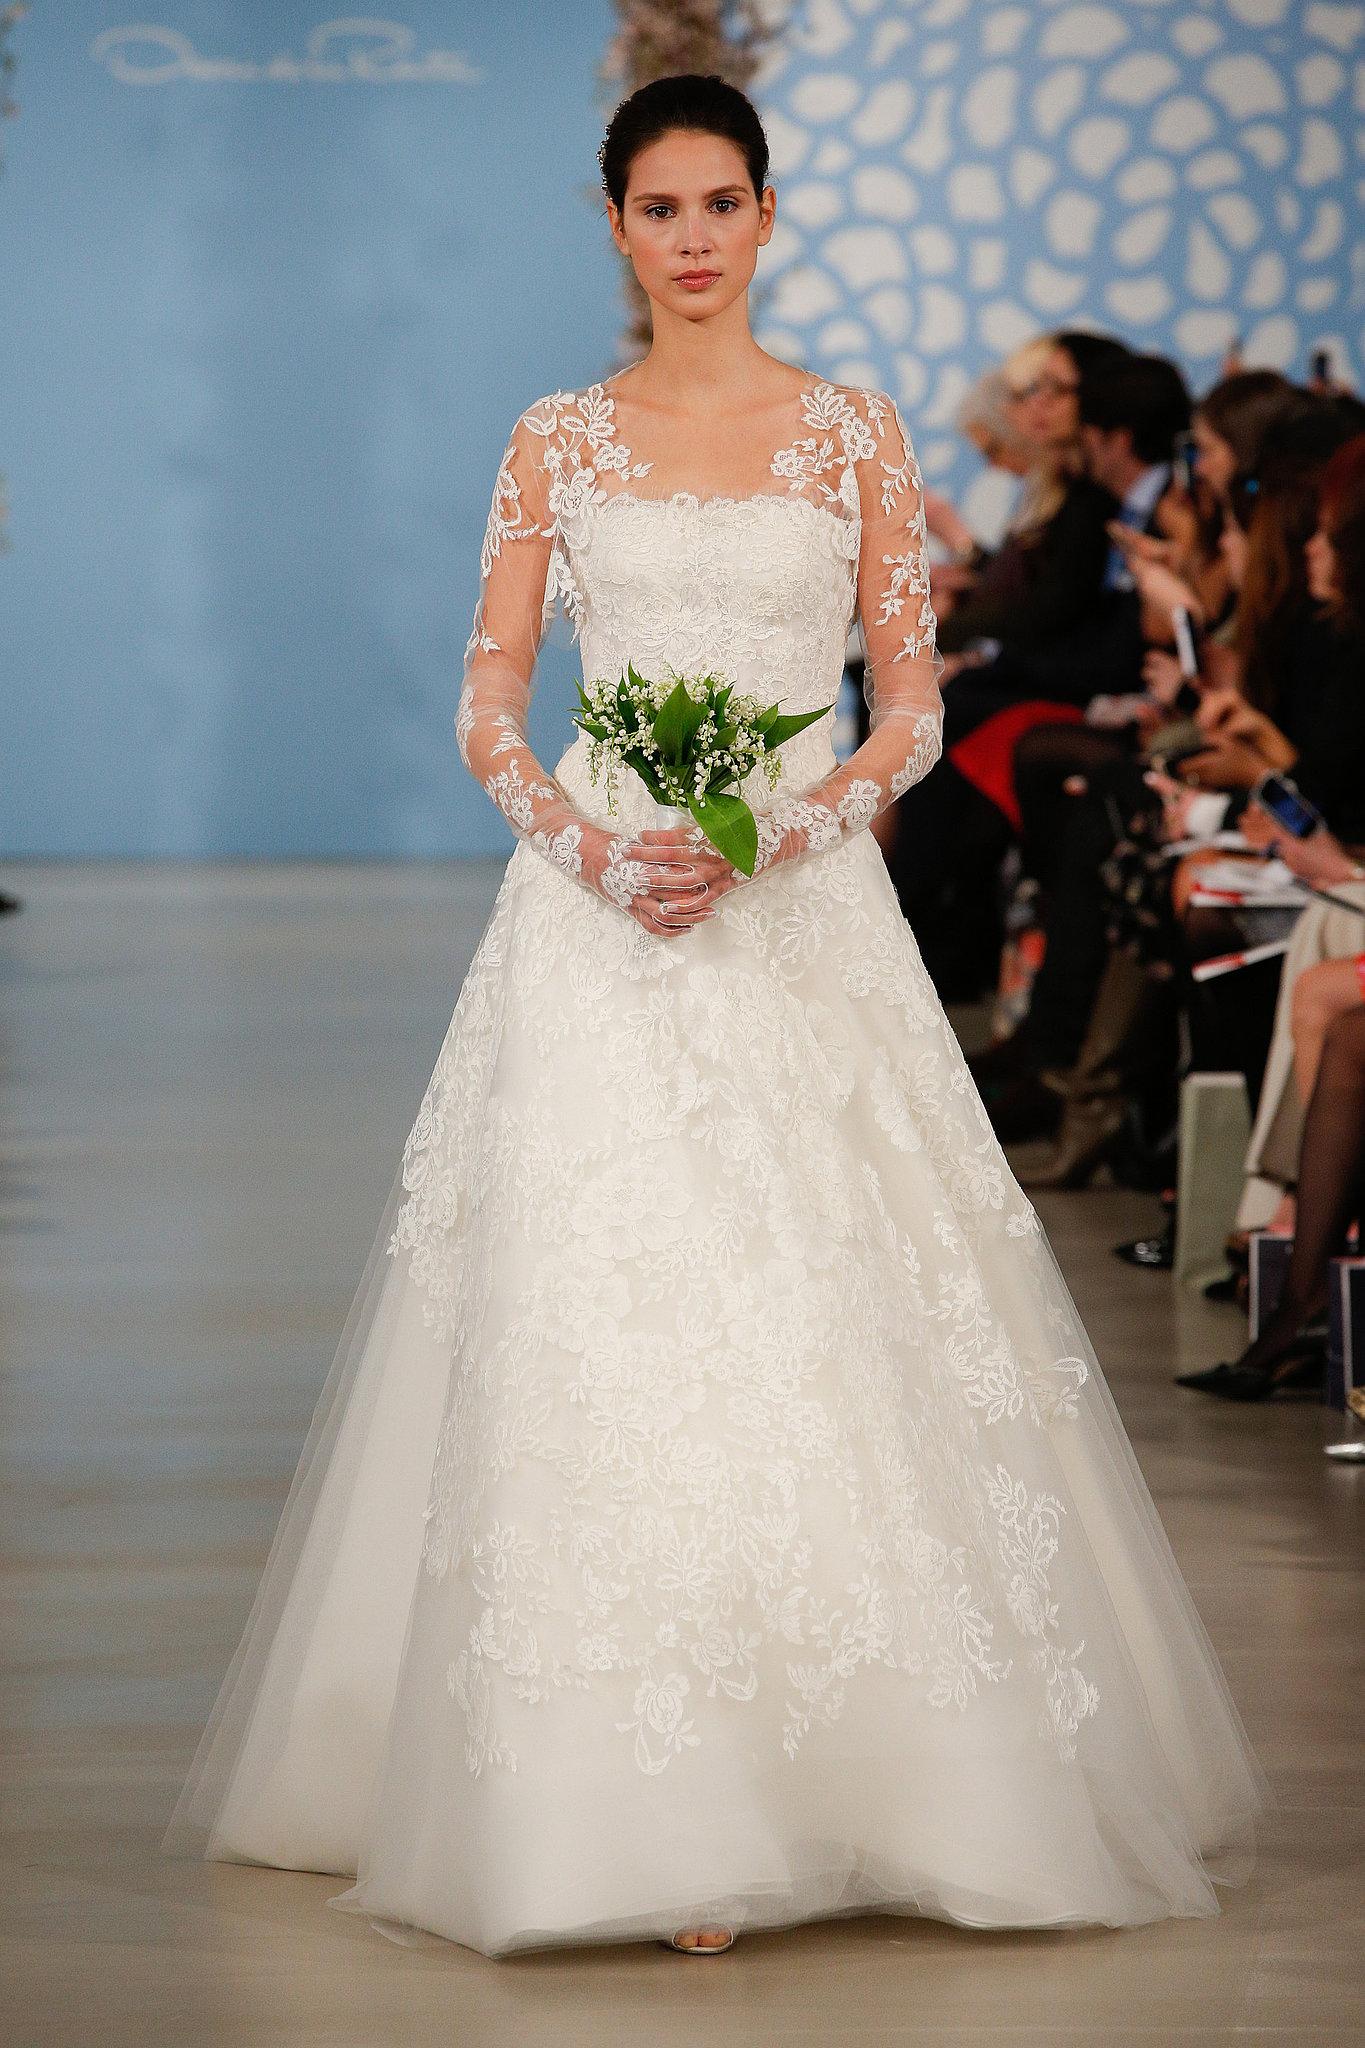 Dress spring 2014 collection poa oscar de la renta for Oscar de la renta lace wedding dress